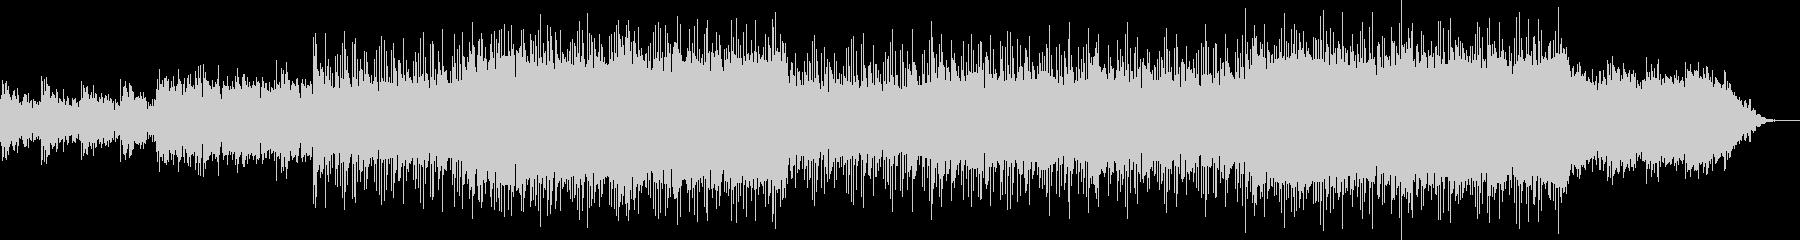 パワフルドラムのシンセロックの未再生の波形